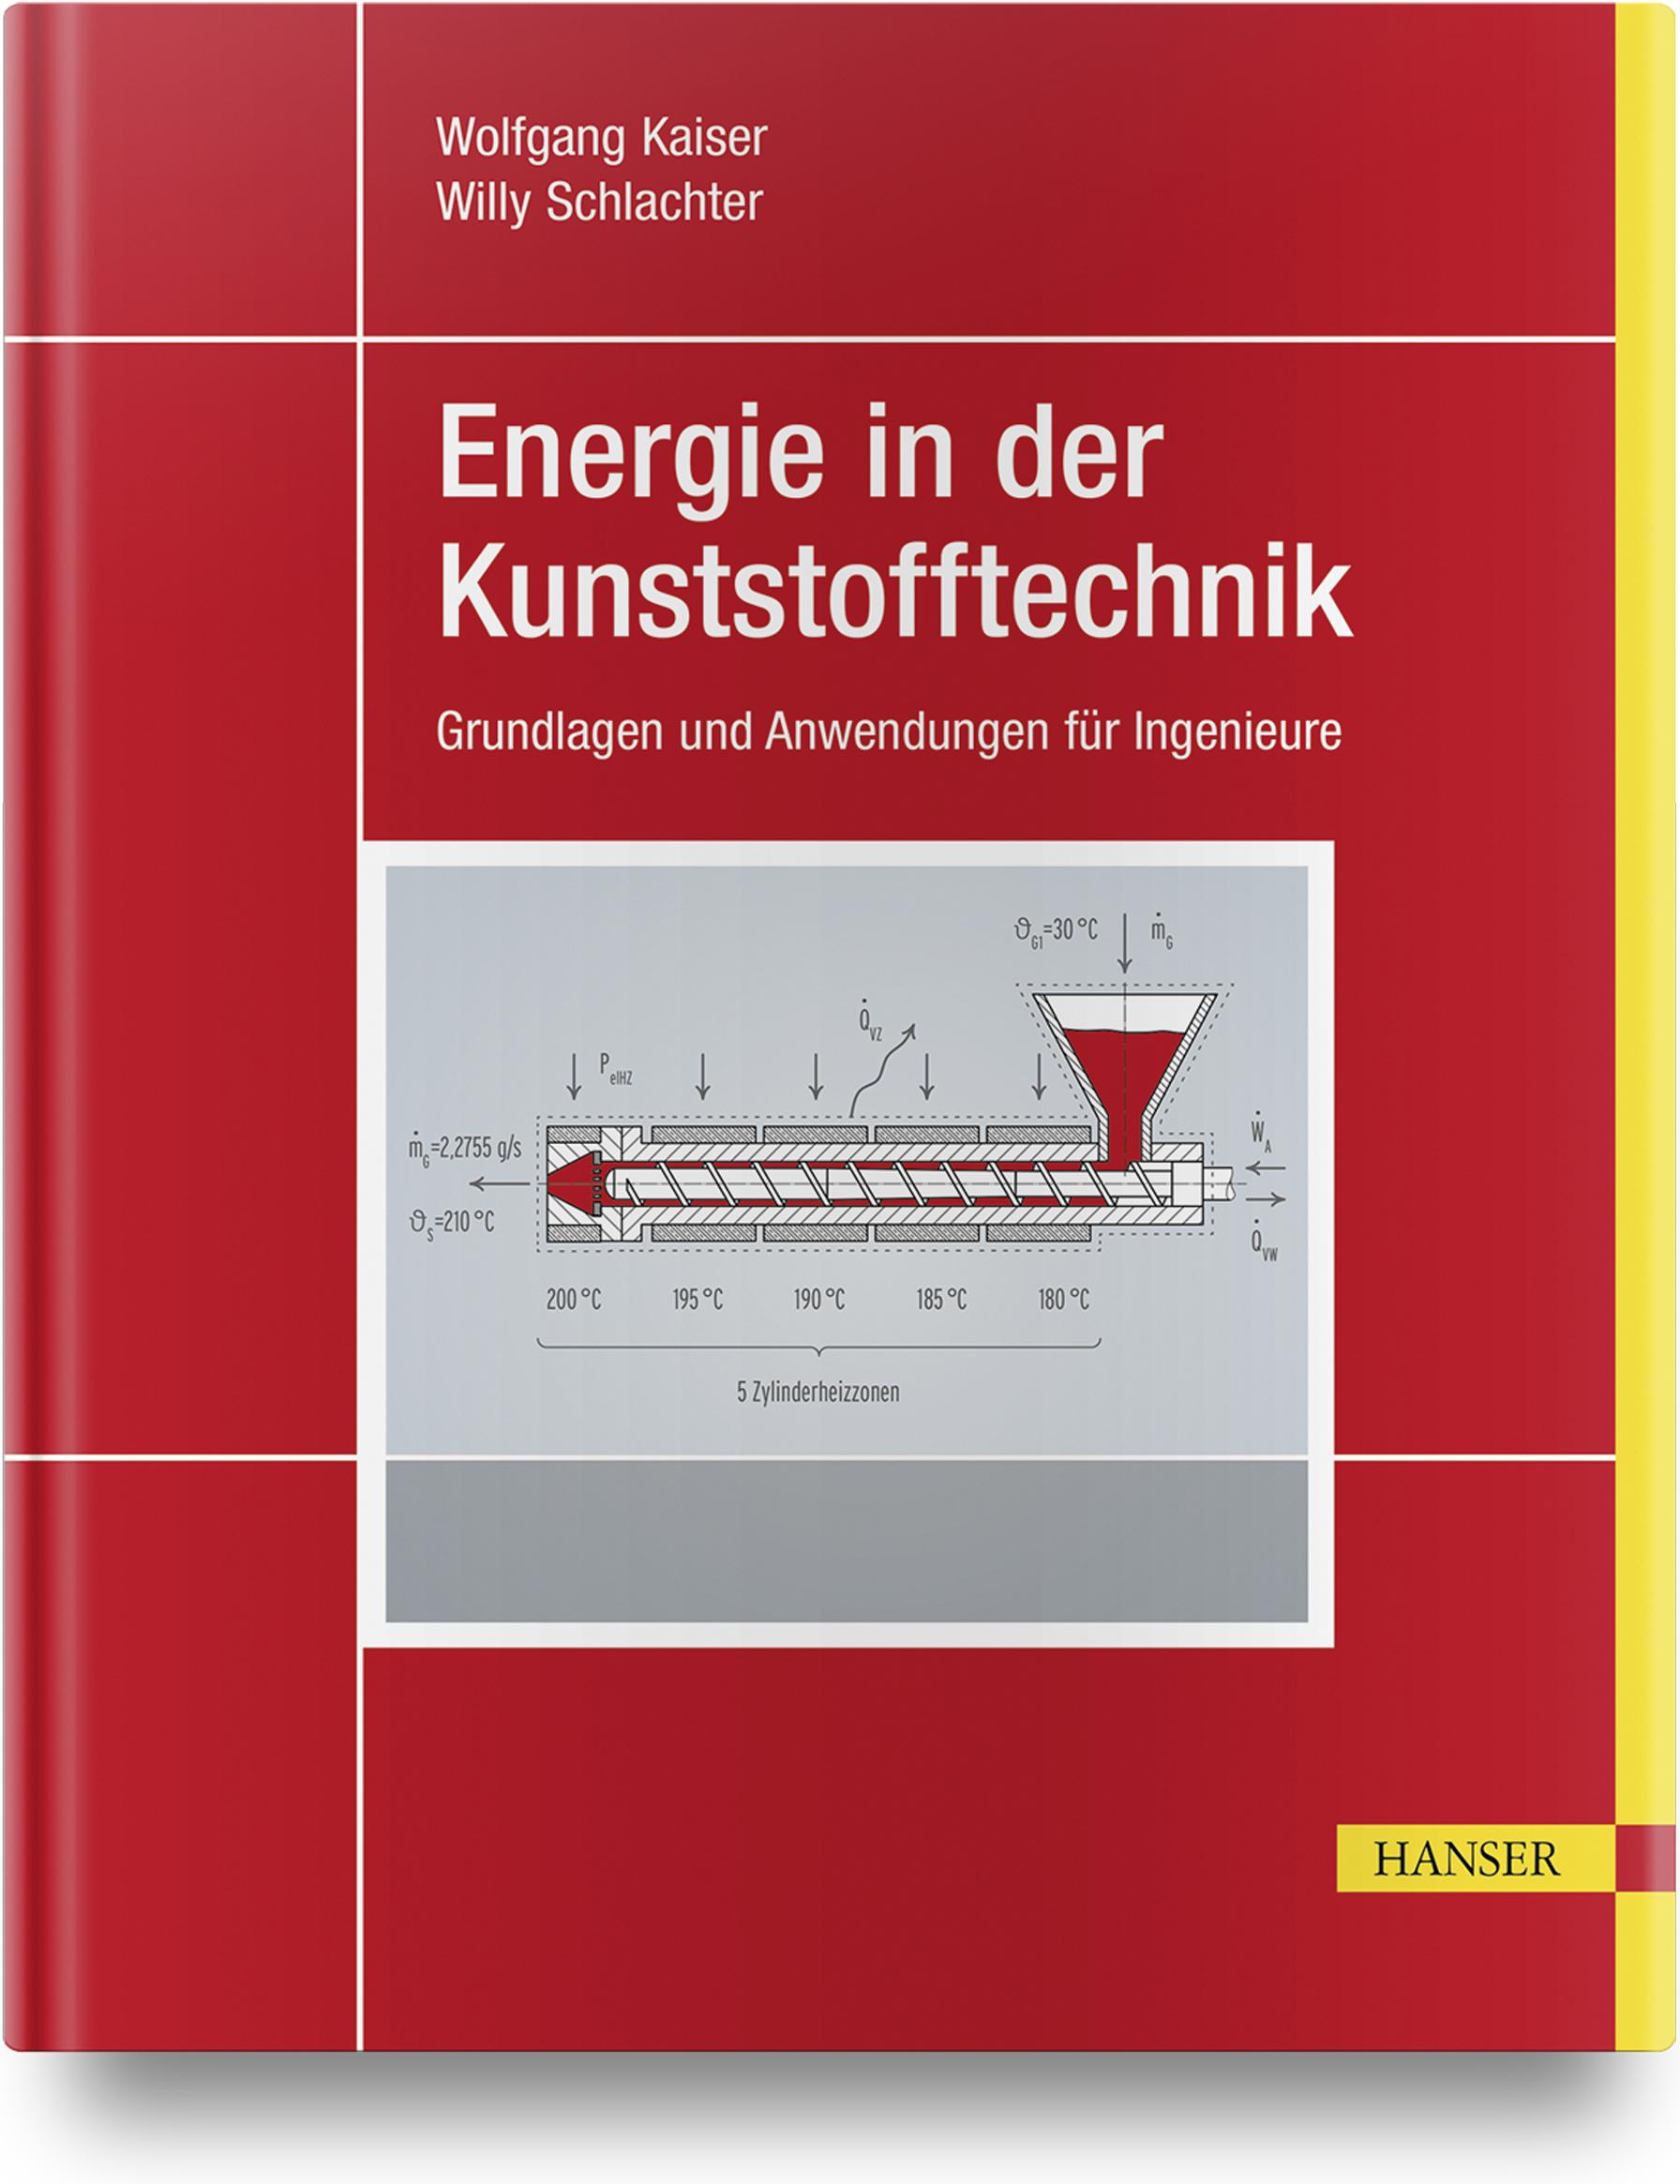 Kaiser, Schlachter, Energie in der Kunststofftechnik, 978-3-446-45409-5